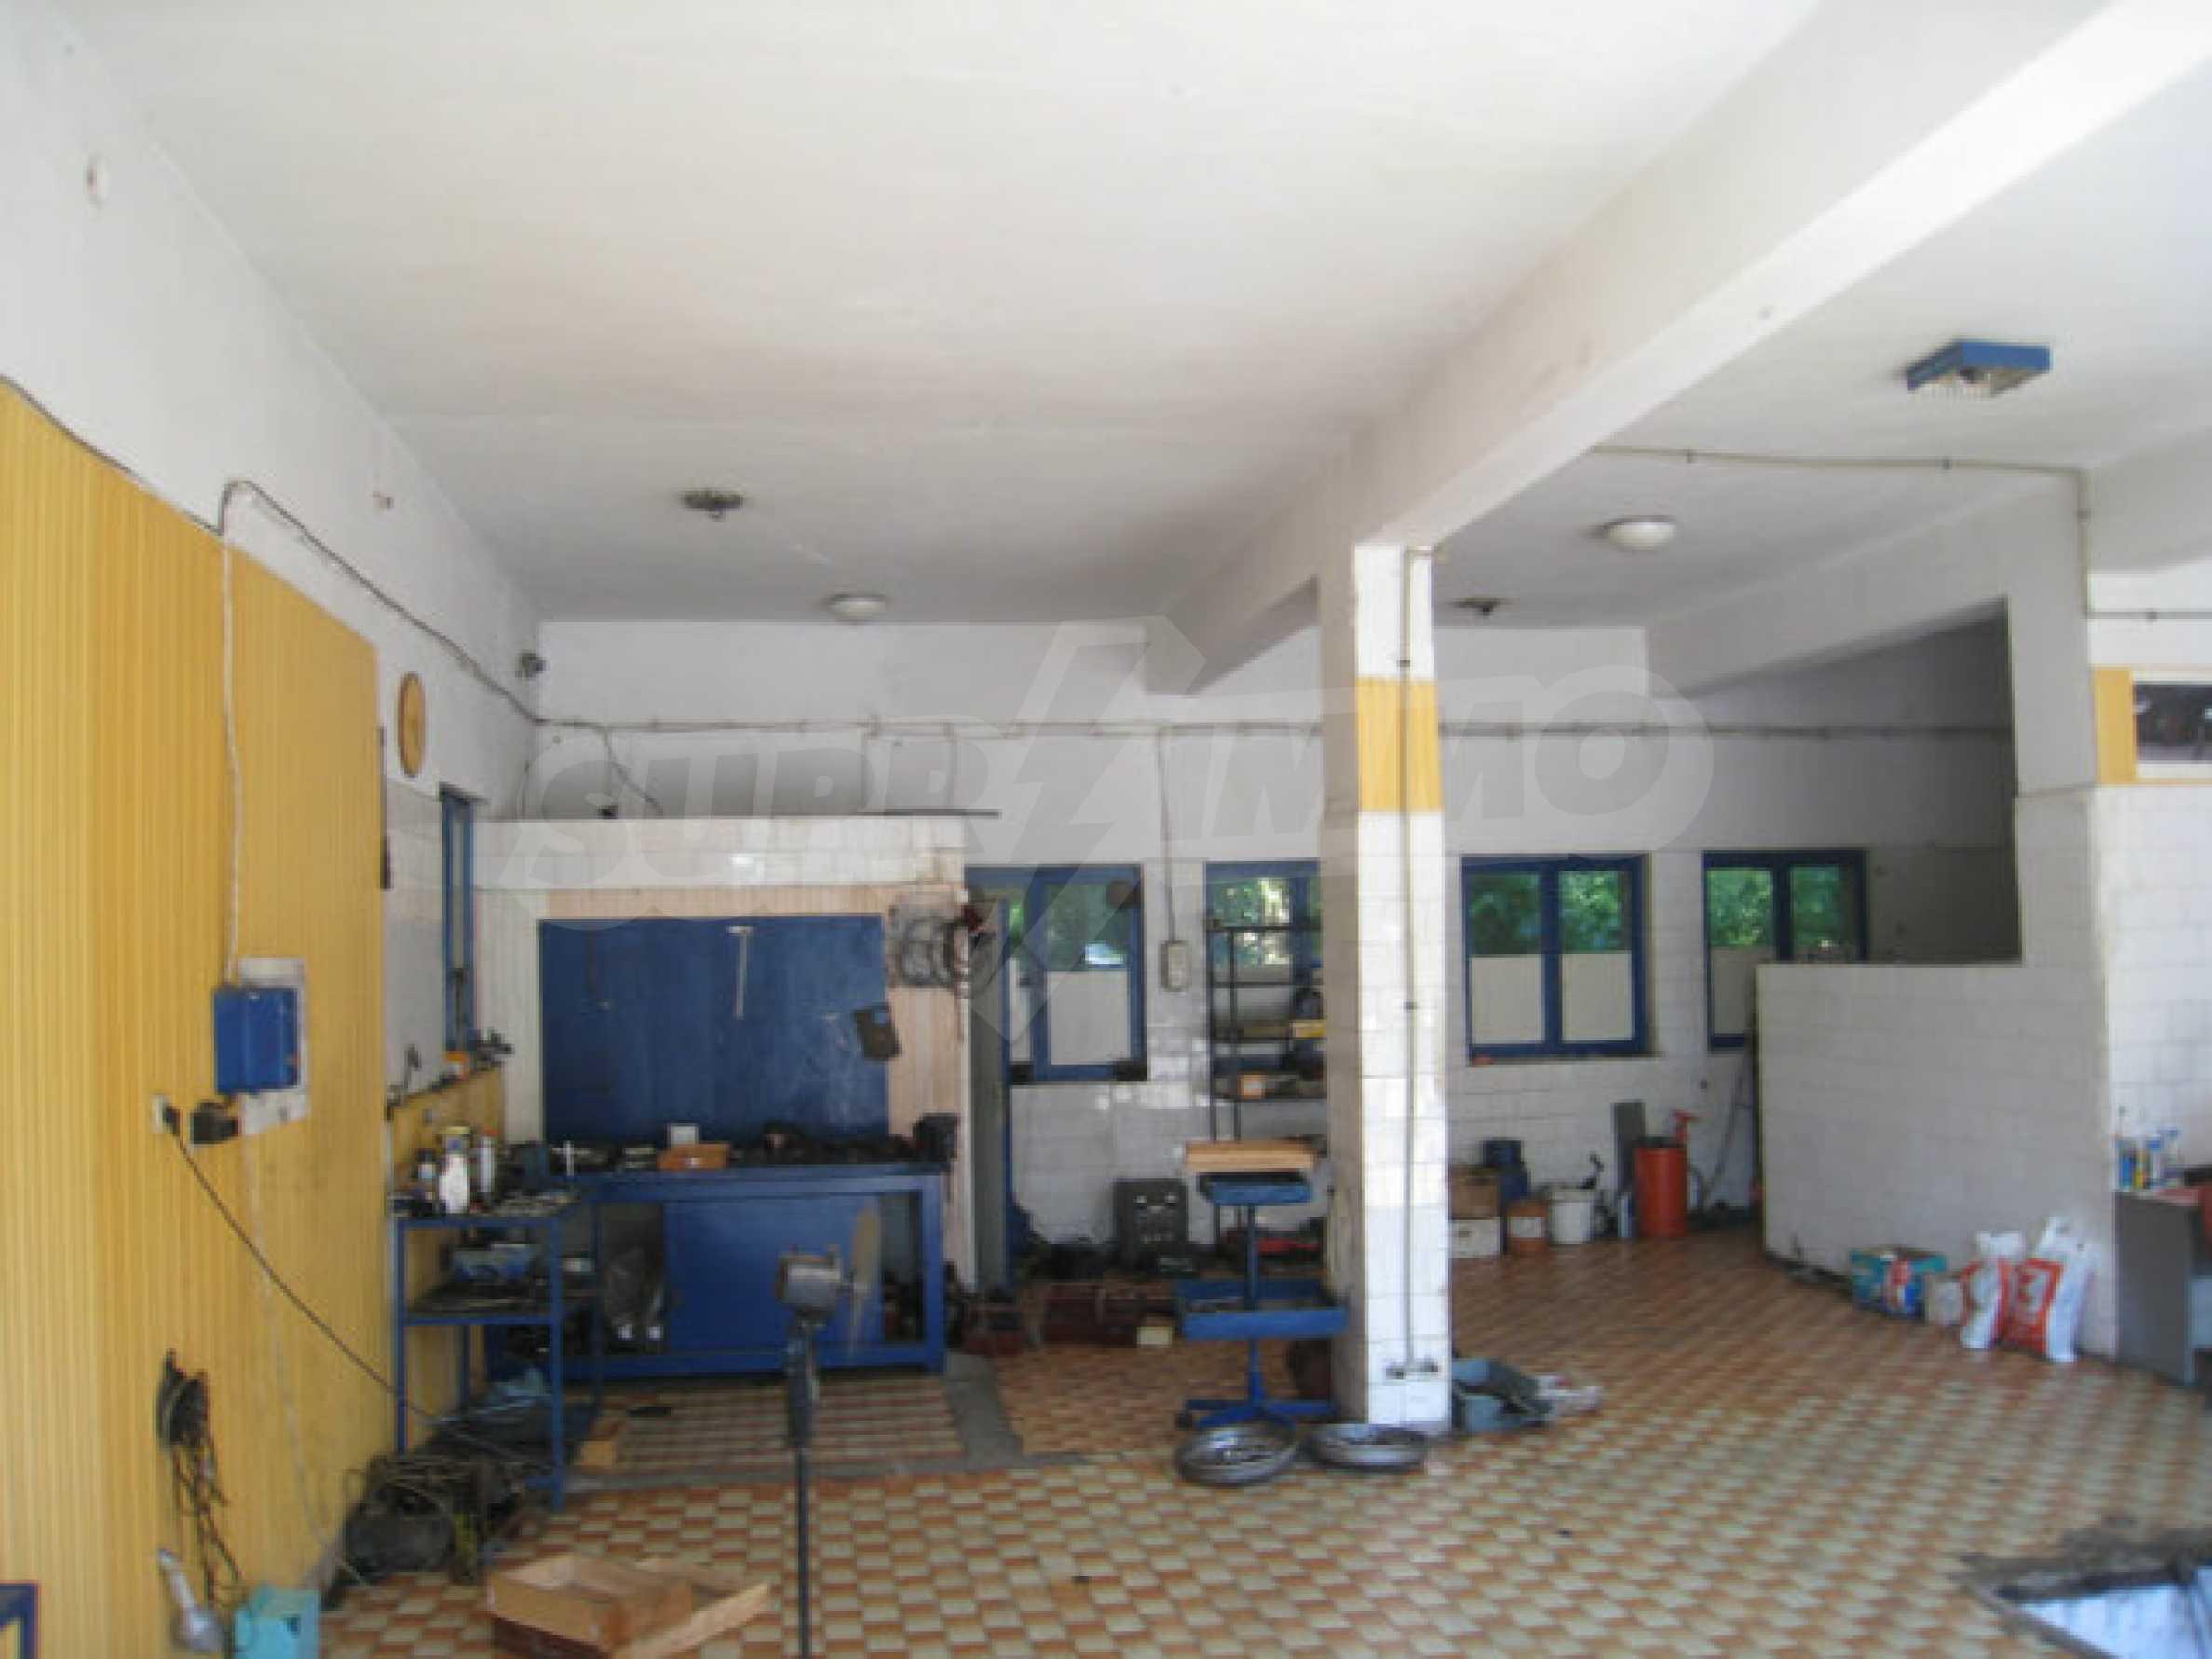 Produktionsgebäude mit Dienstleistungs- und Verwaltungsgebäude in der Nähe von Monatan 6